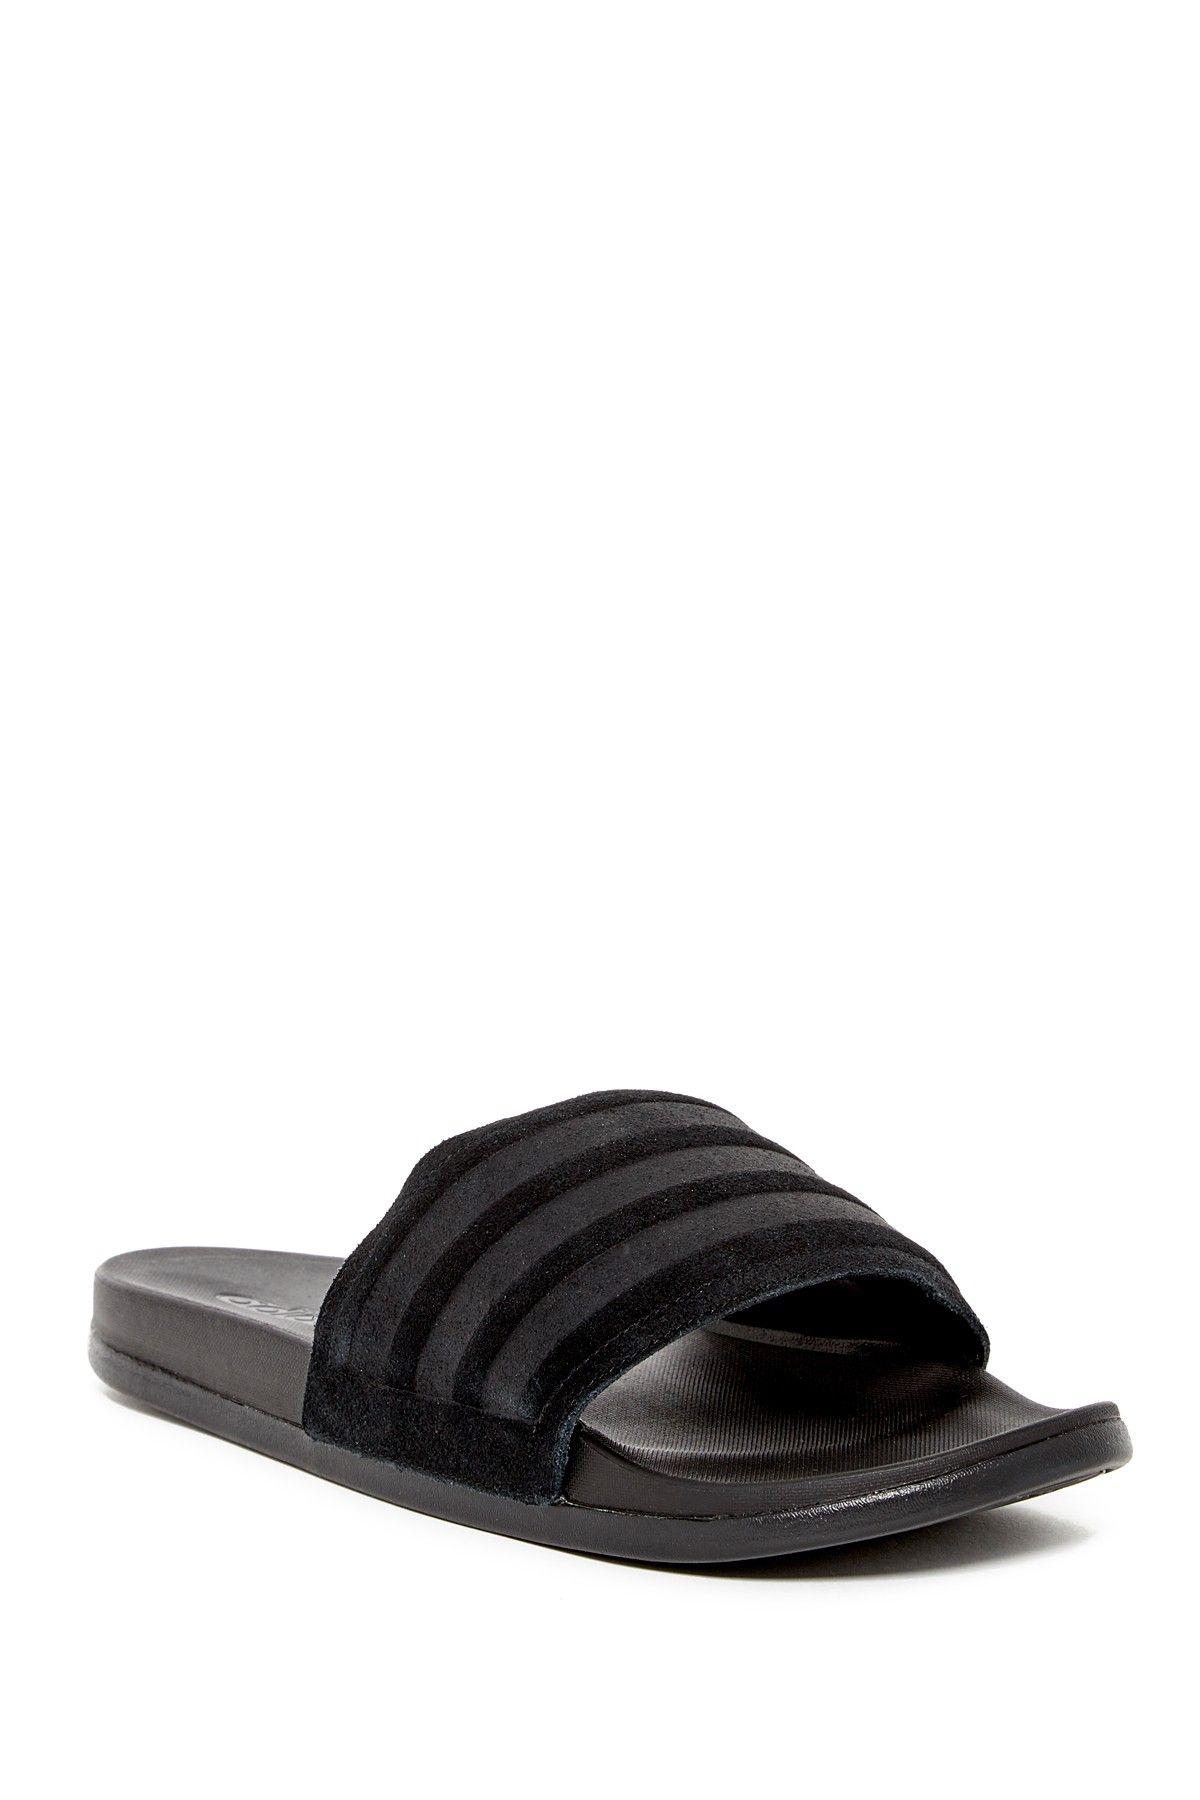 Adilette Slide Sandal (Men's)